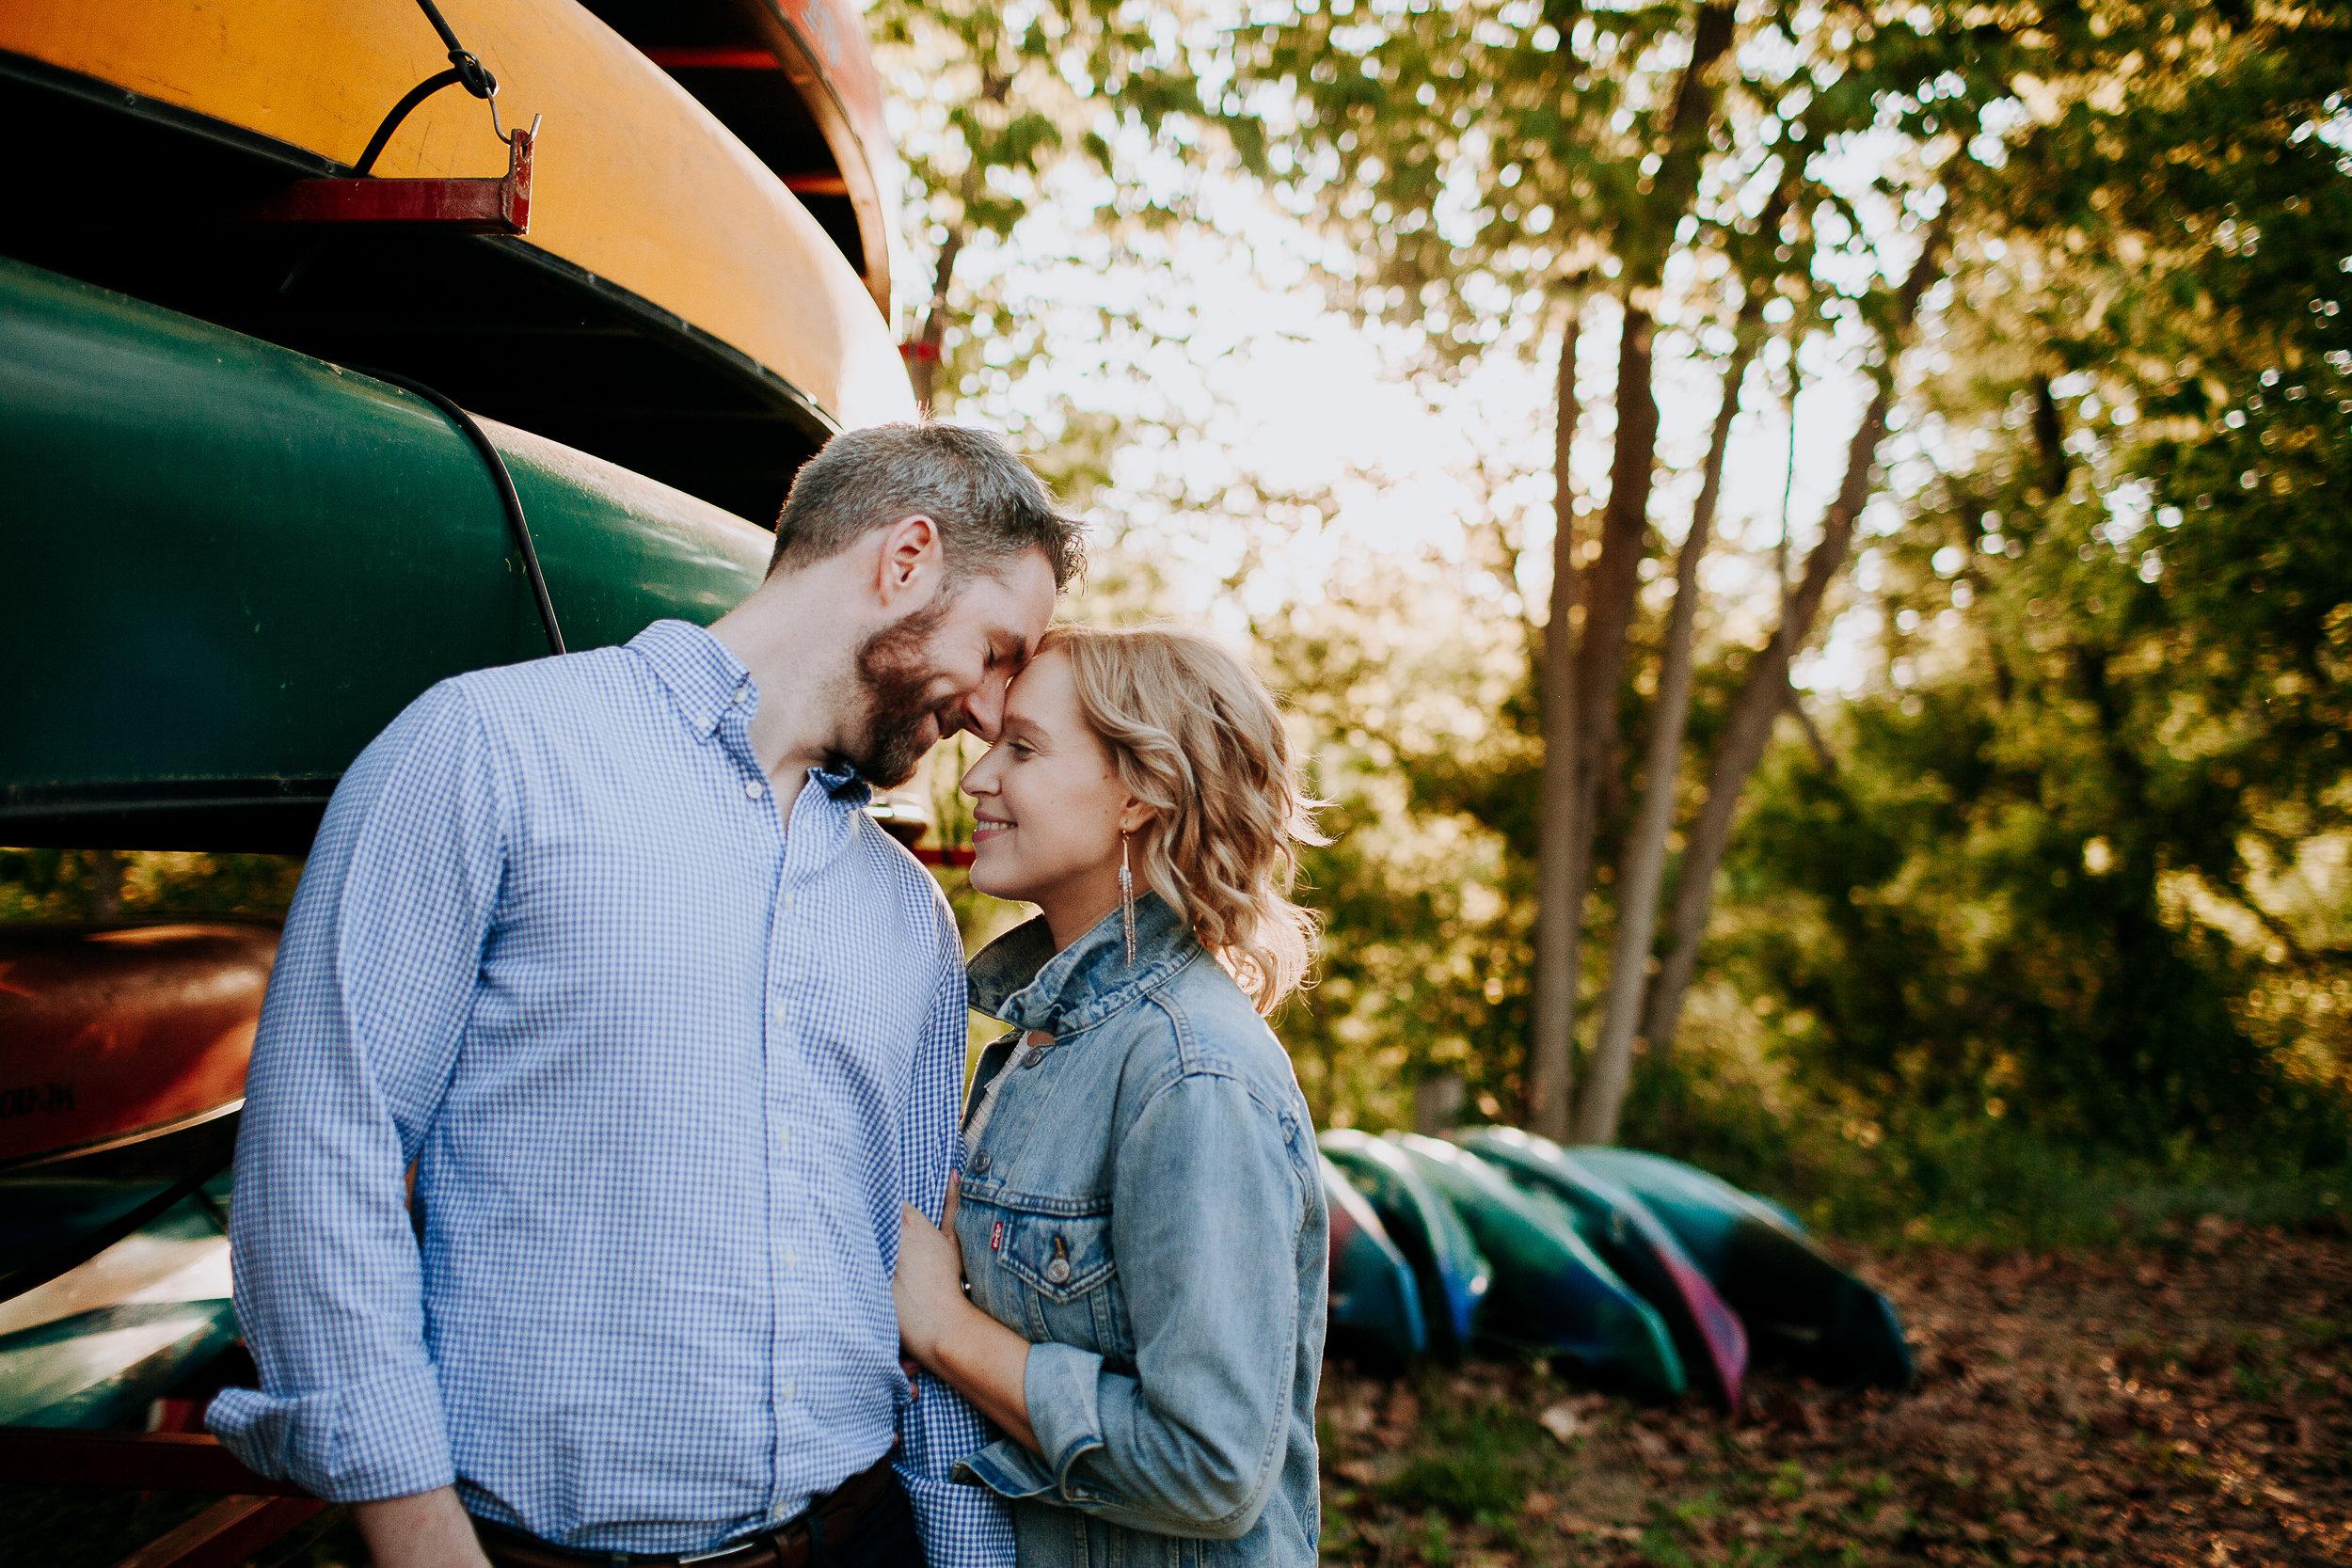 081 Lauren and Greg Engagement - 20180515.jpg